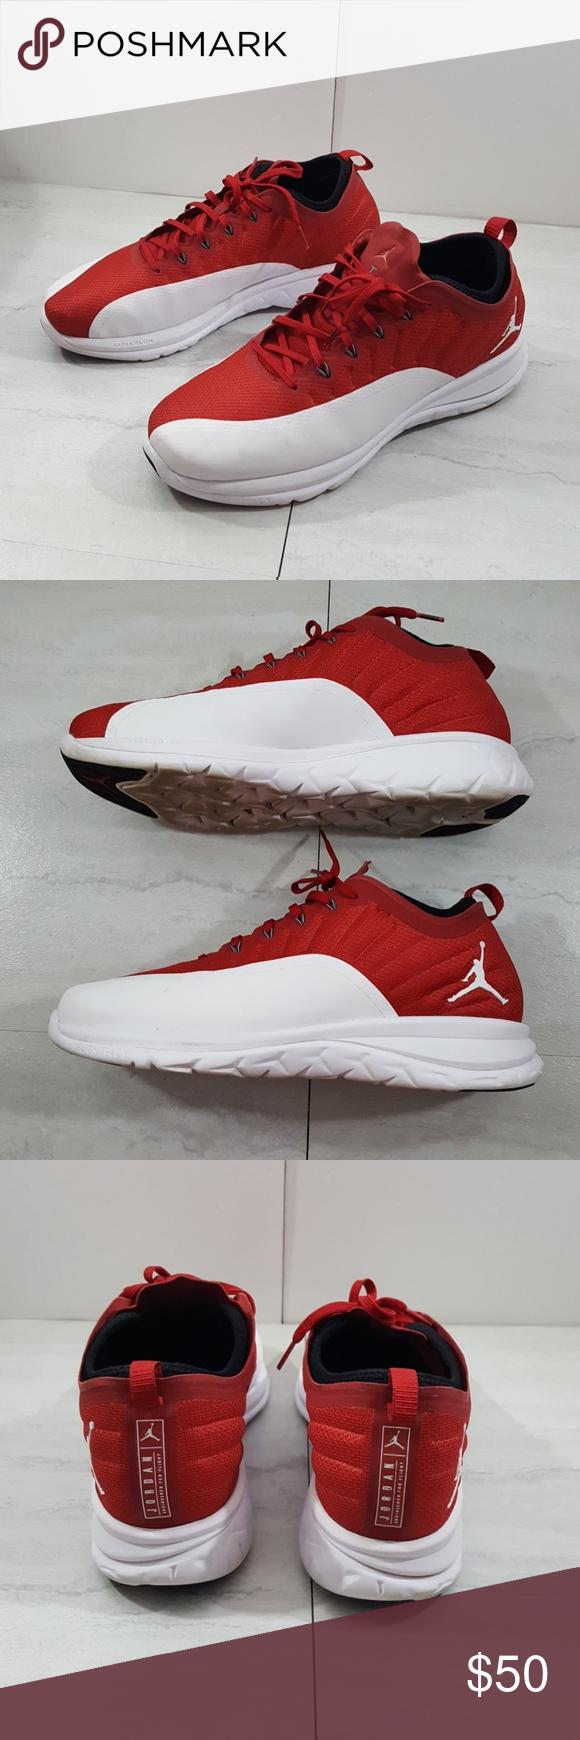 Jordan Engineered For Flight Red/white